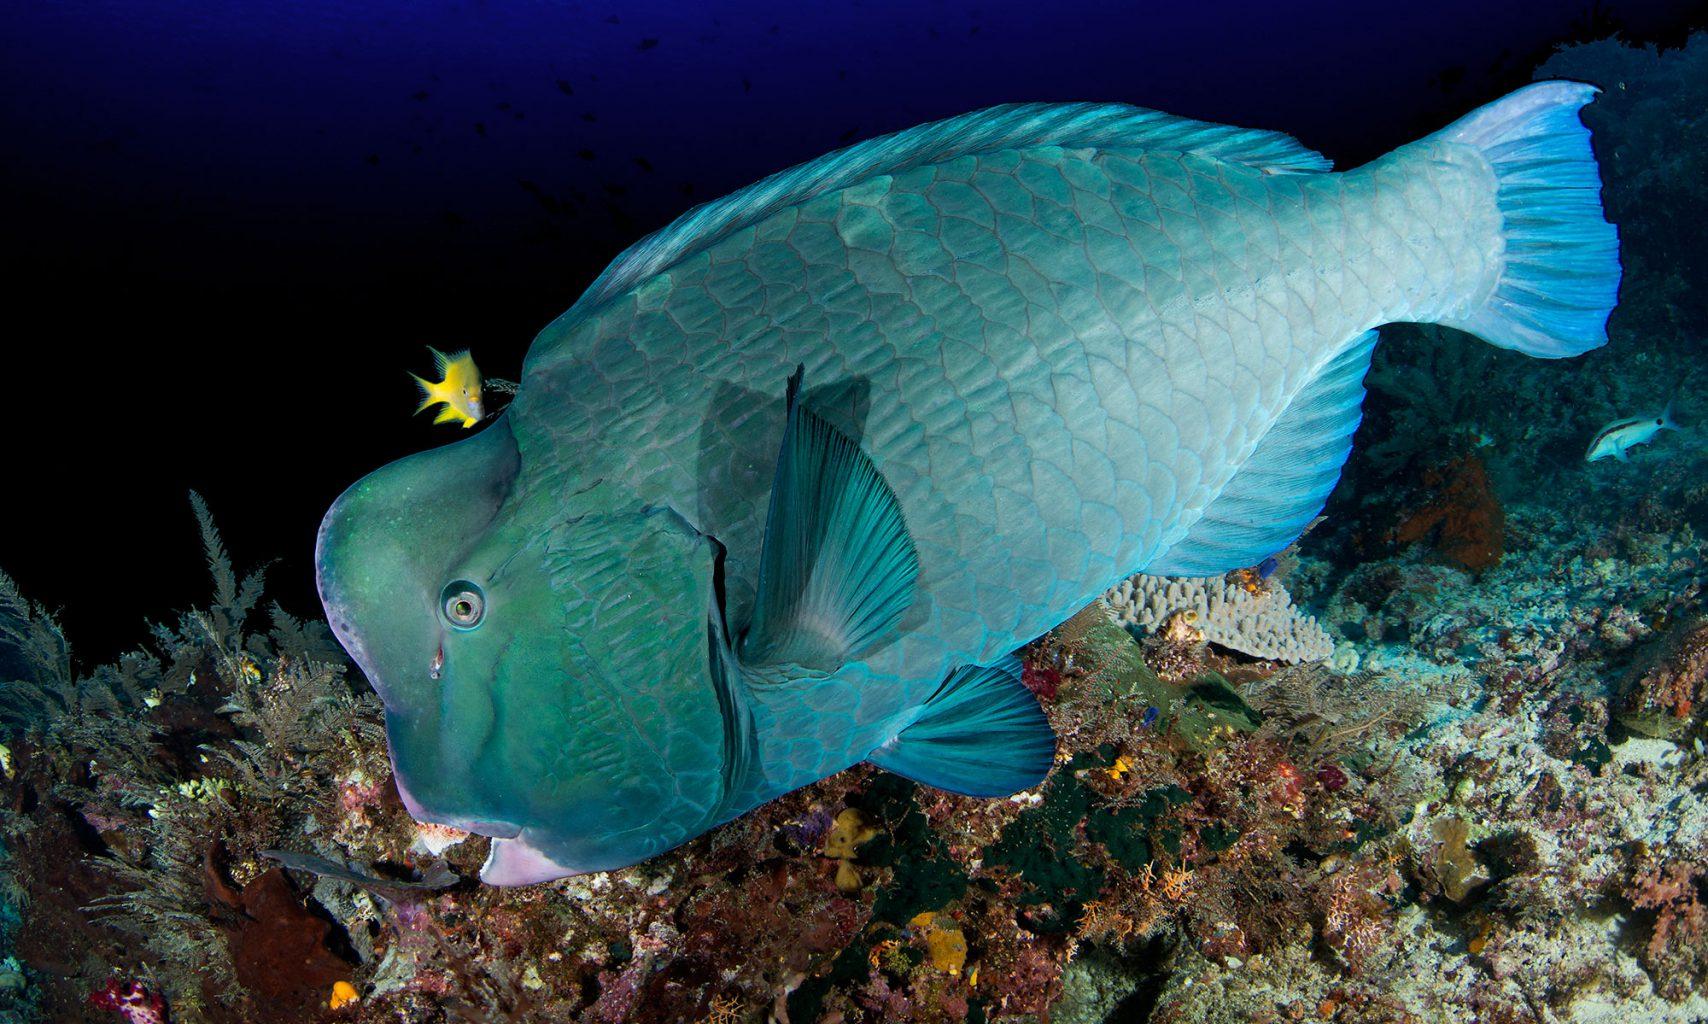 Raja Ampat Bumphead Parrot Fish, Büffelkopf Papageienfisch